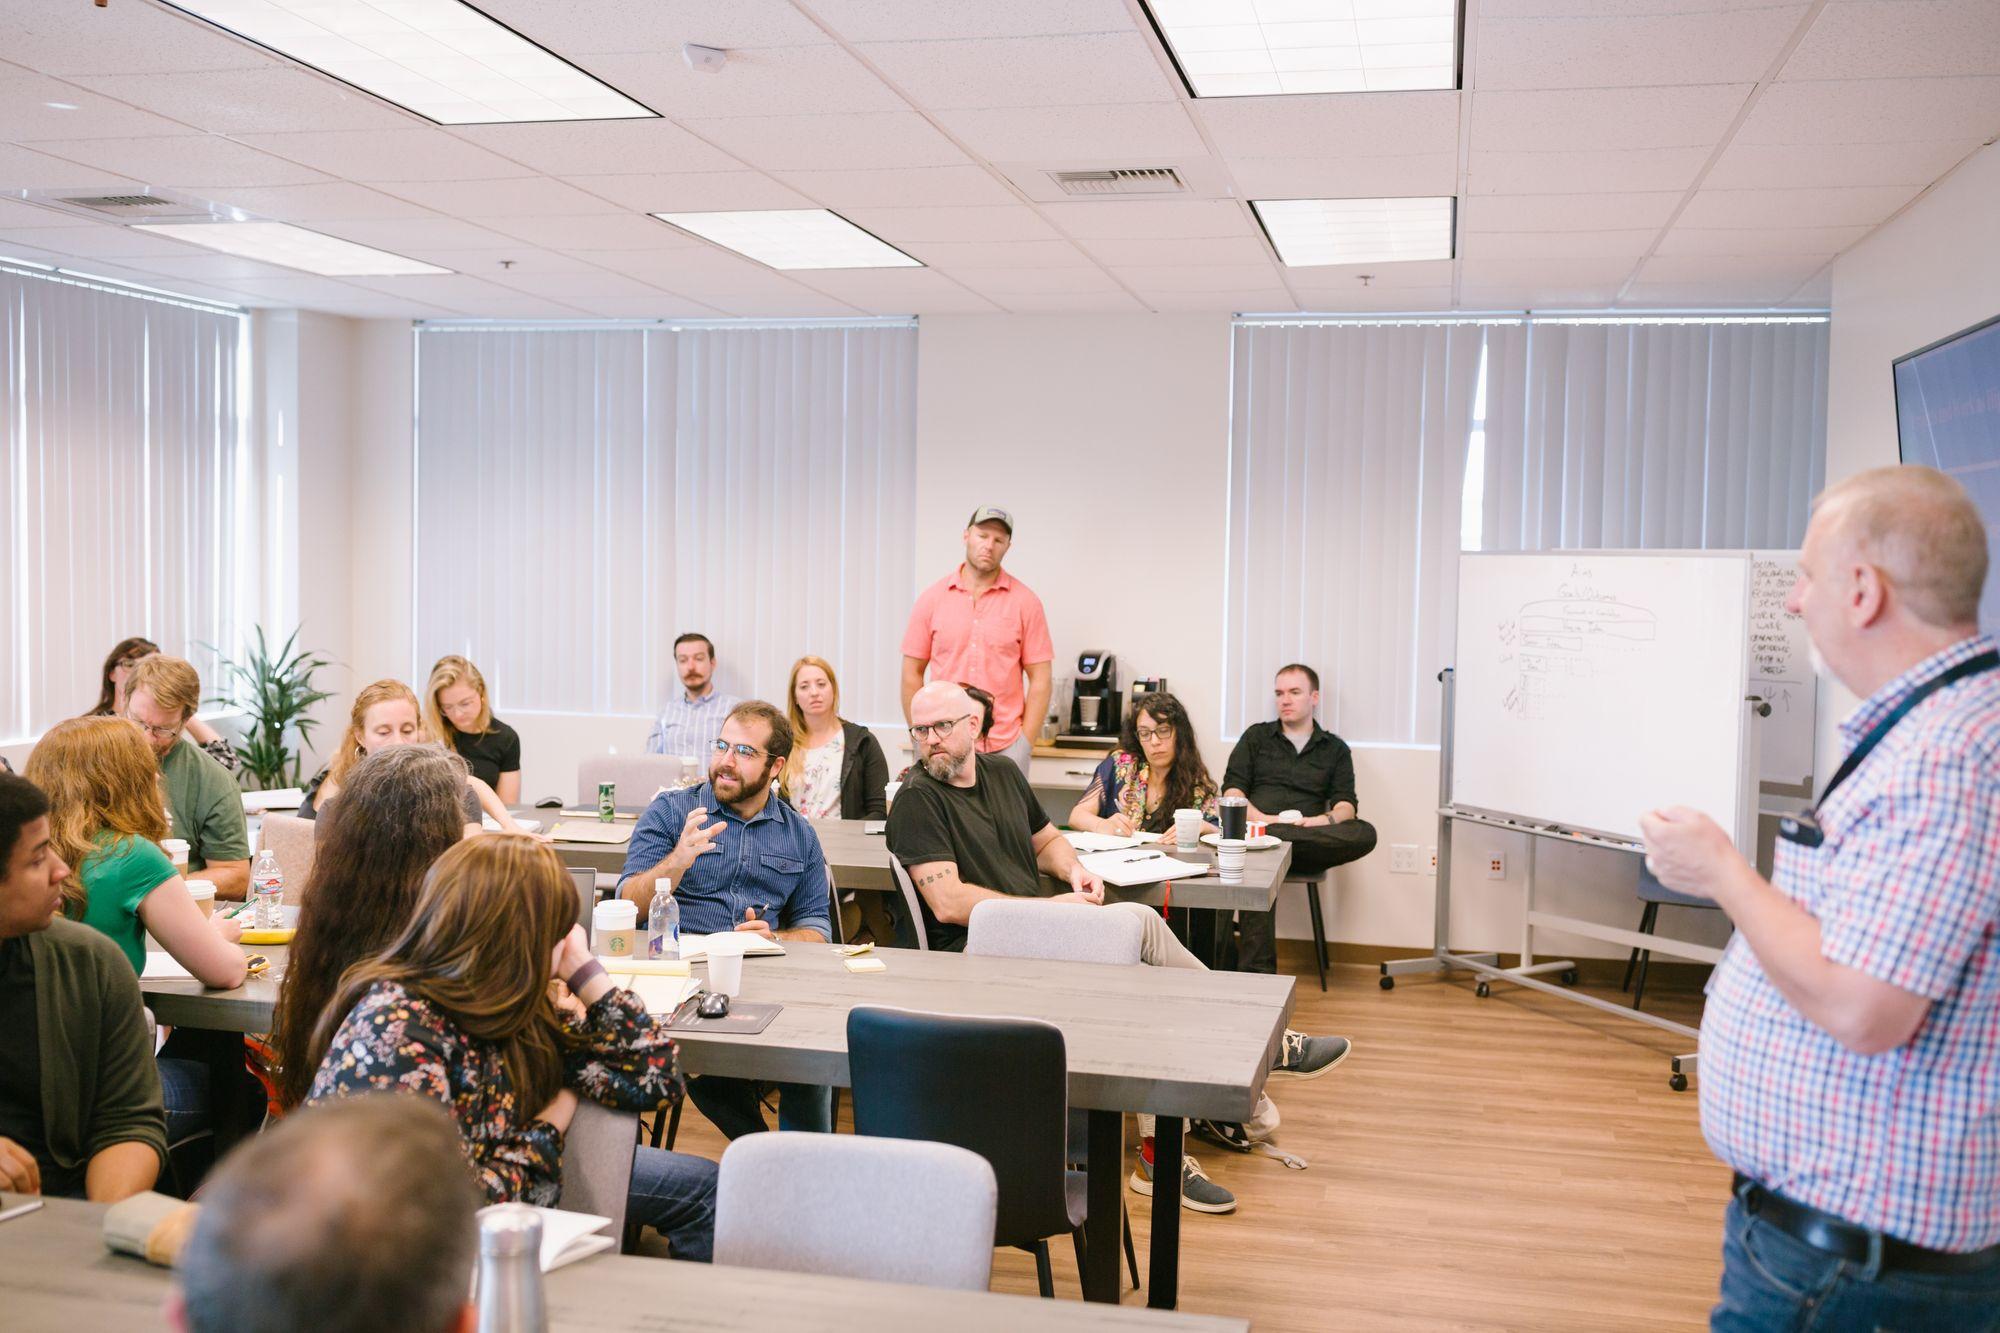 Fundamentals of Classroom Leadership (Classroom Management)